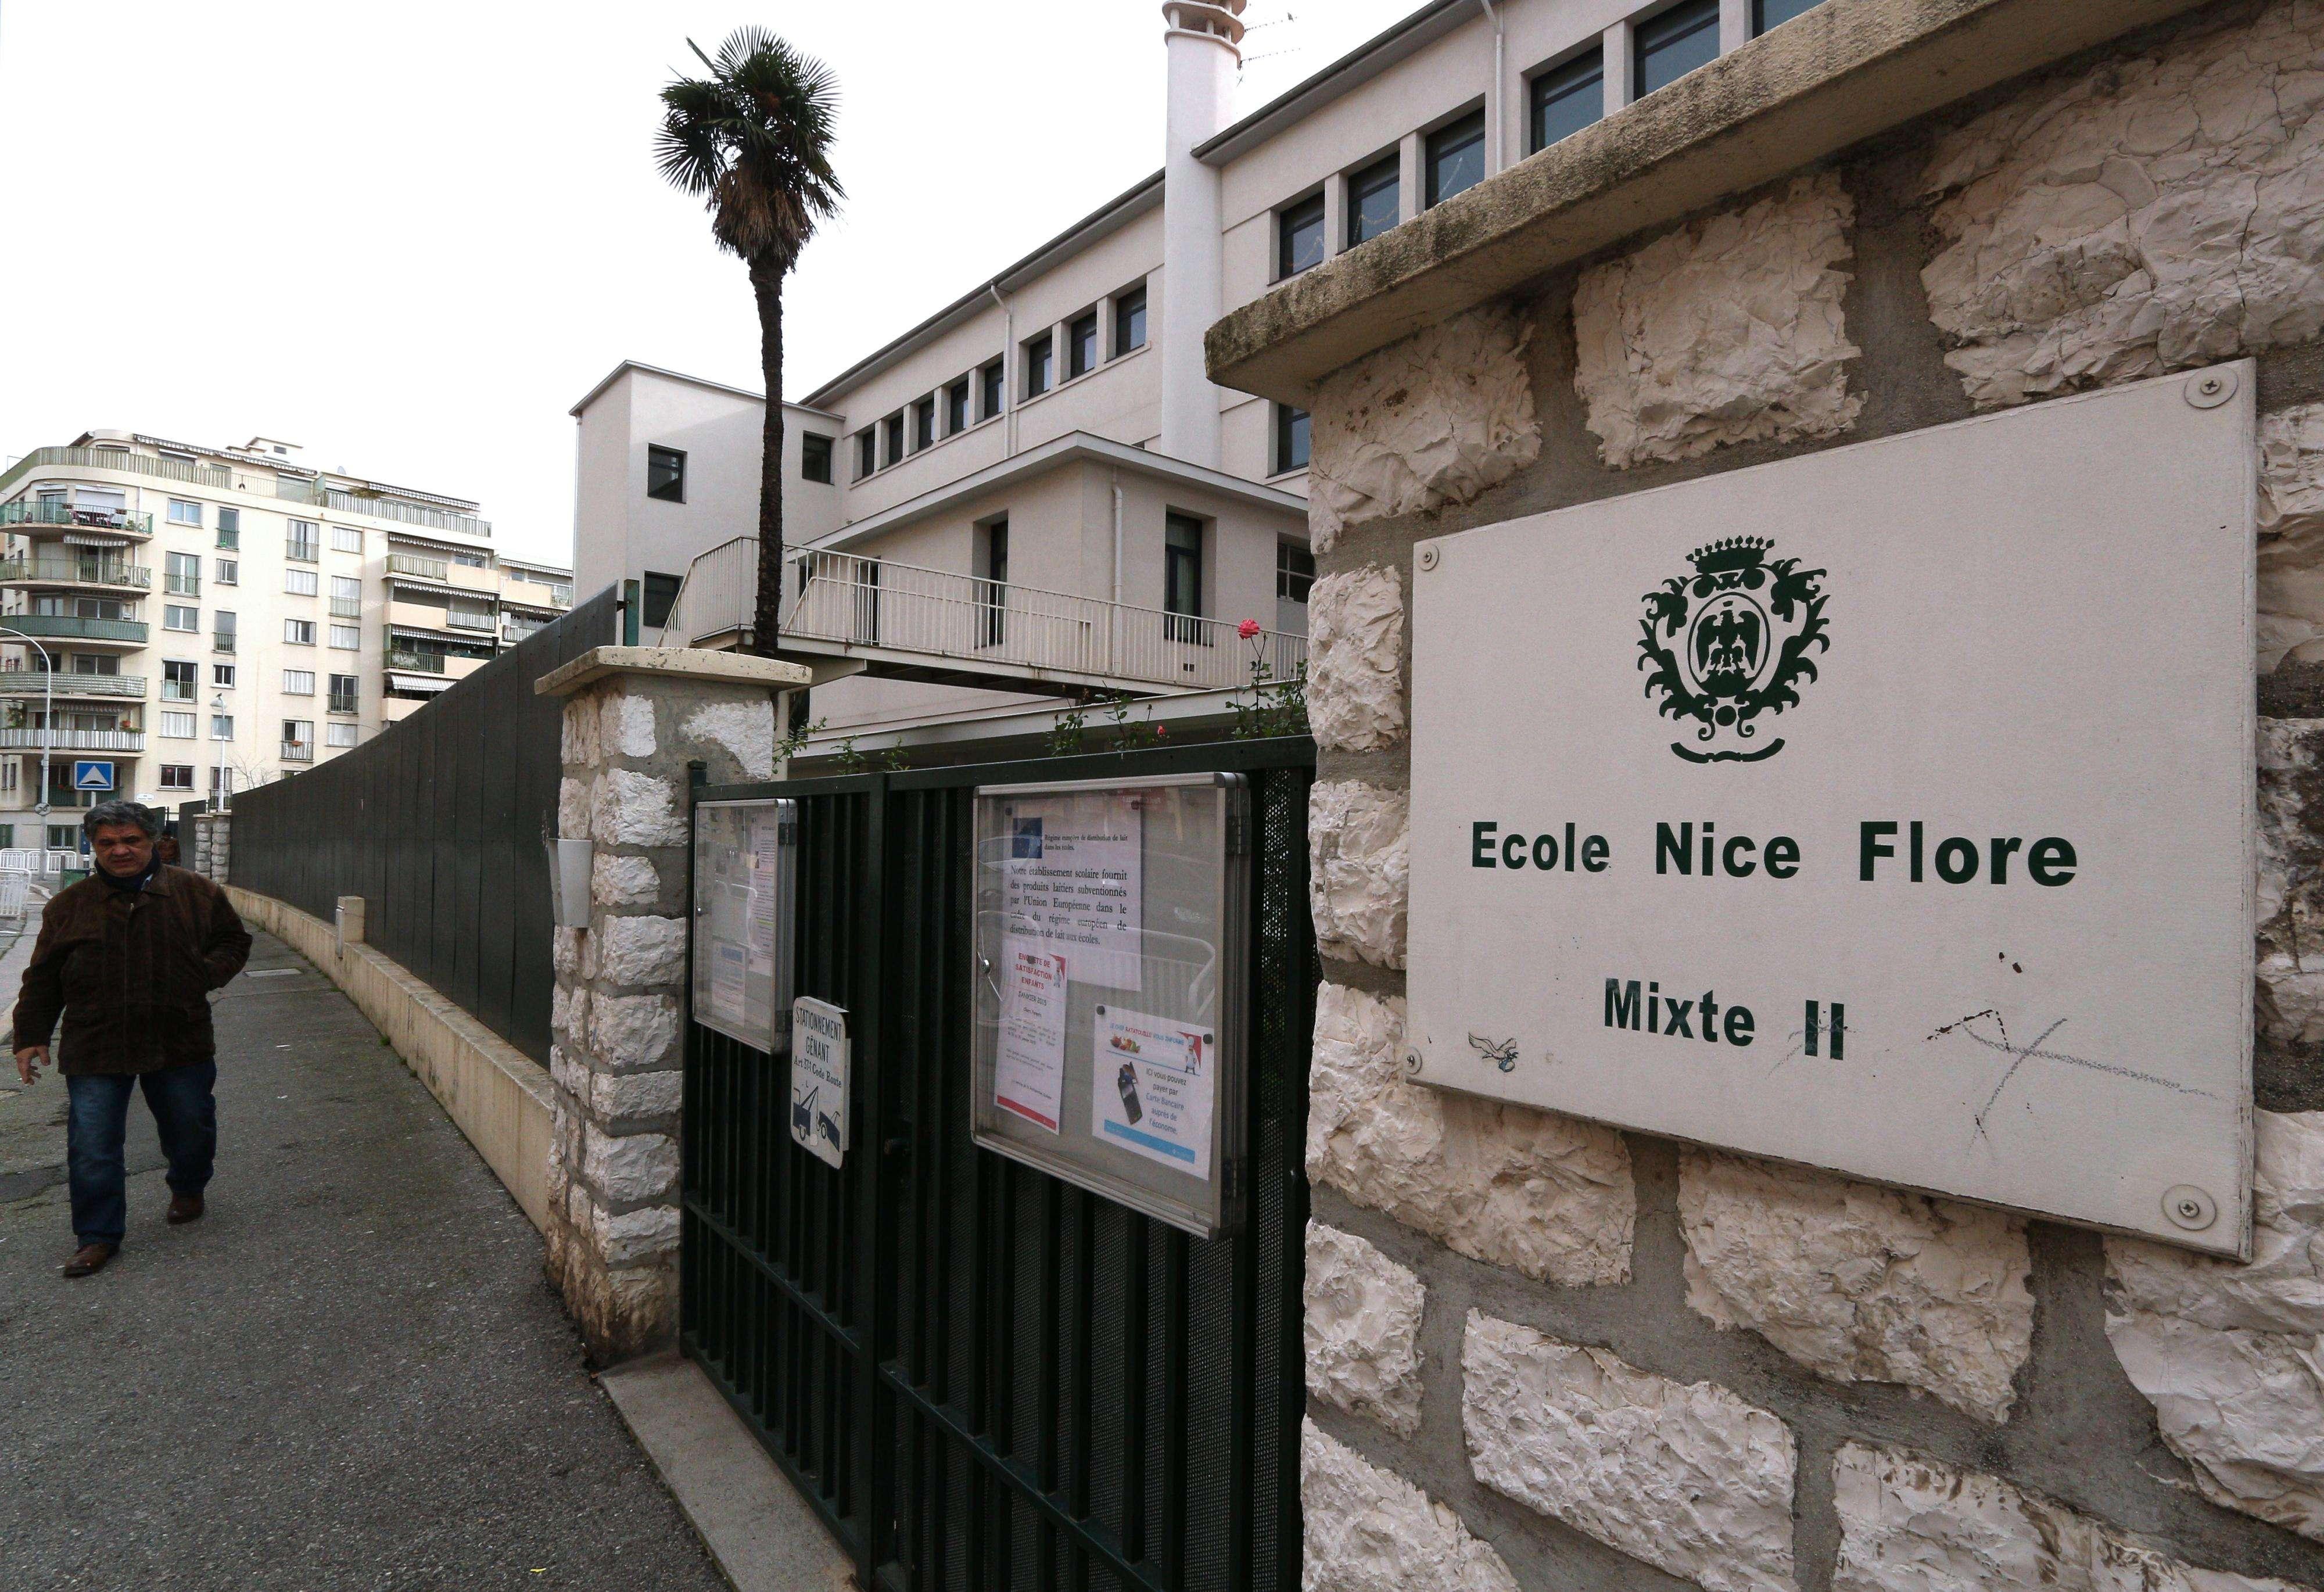 Entrada de la escuela primaria Nice Flore, donde el niño de 8 años de edad fue detenido e interrogado, este jueves 29 de enero del 2015. Foto: AP en español